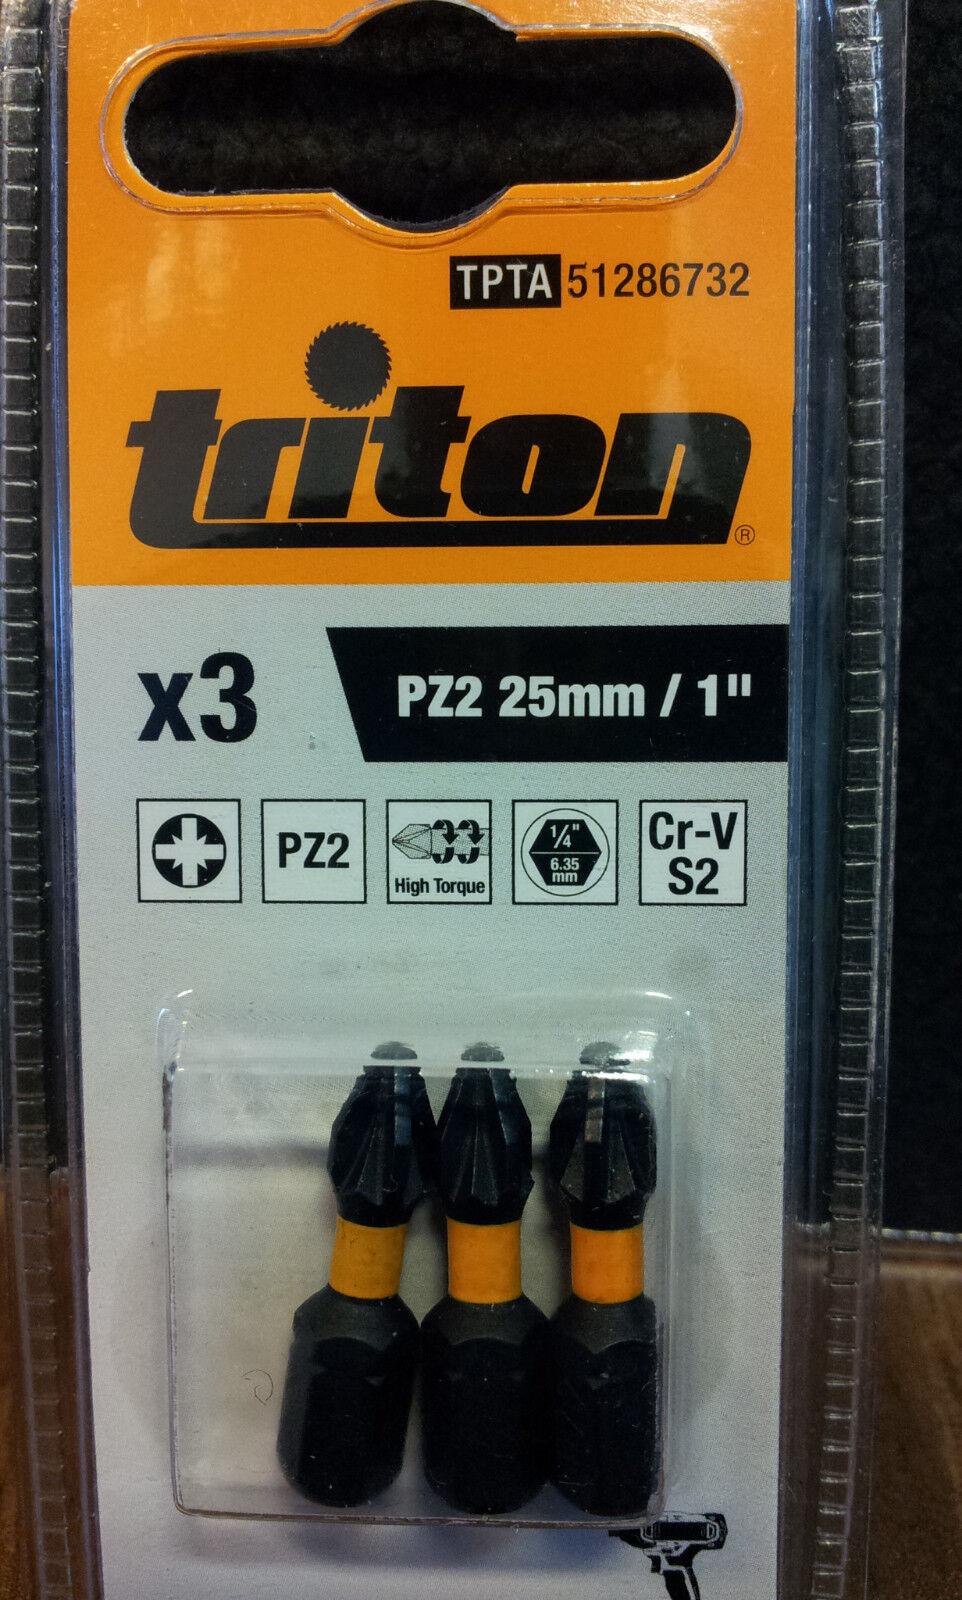 Pozidriv Schraubendreher Bits 3er Pckg PZ2 25mm BIT Bitsatz NEU Triton